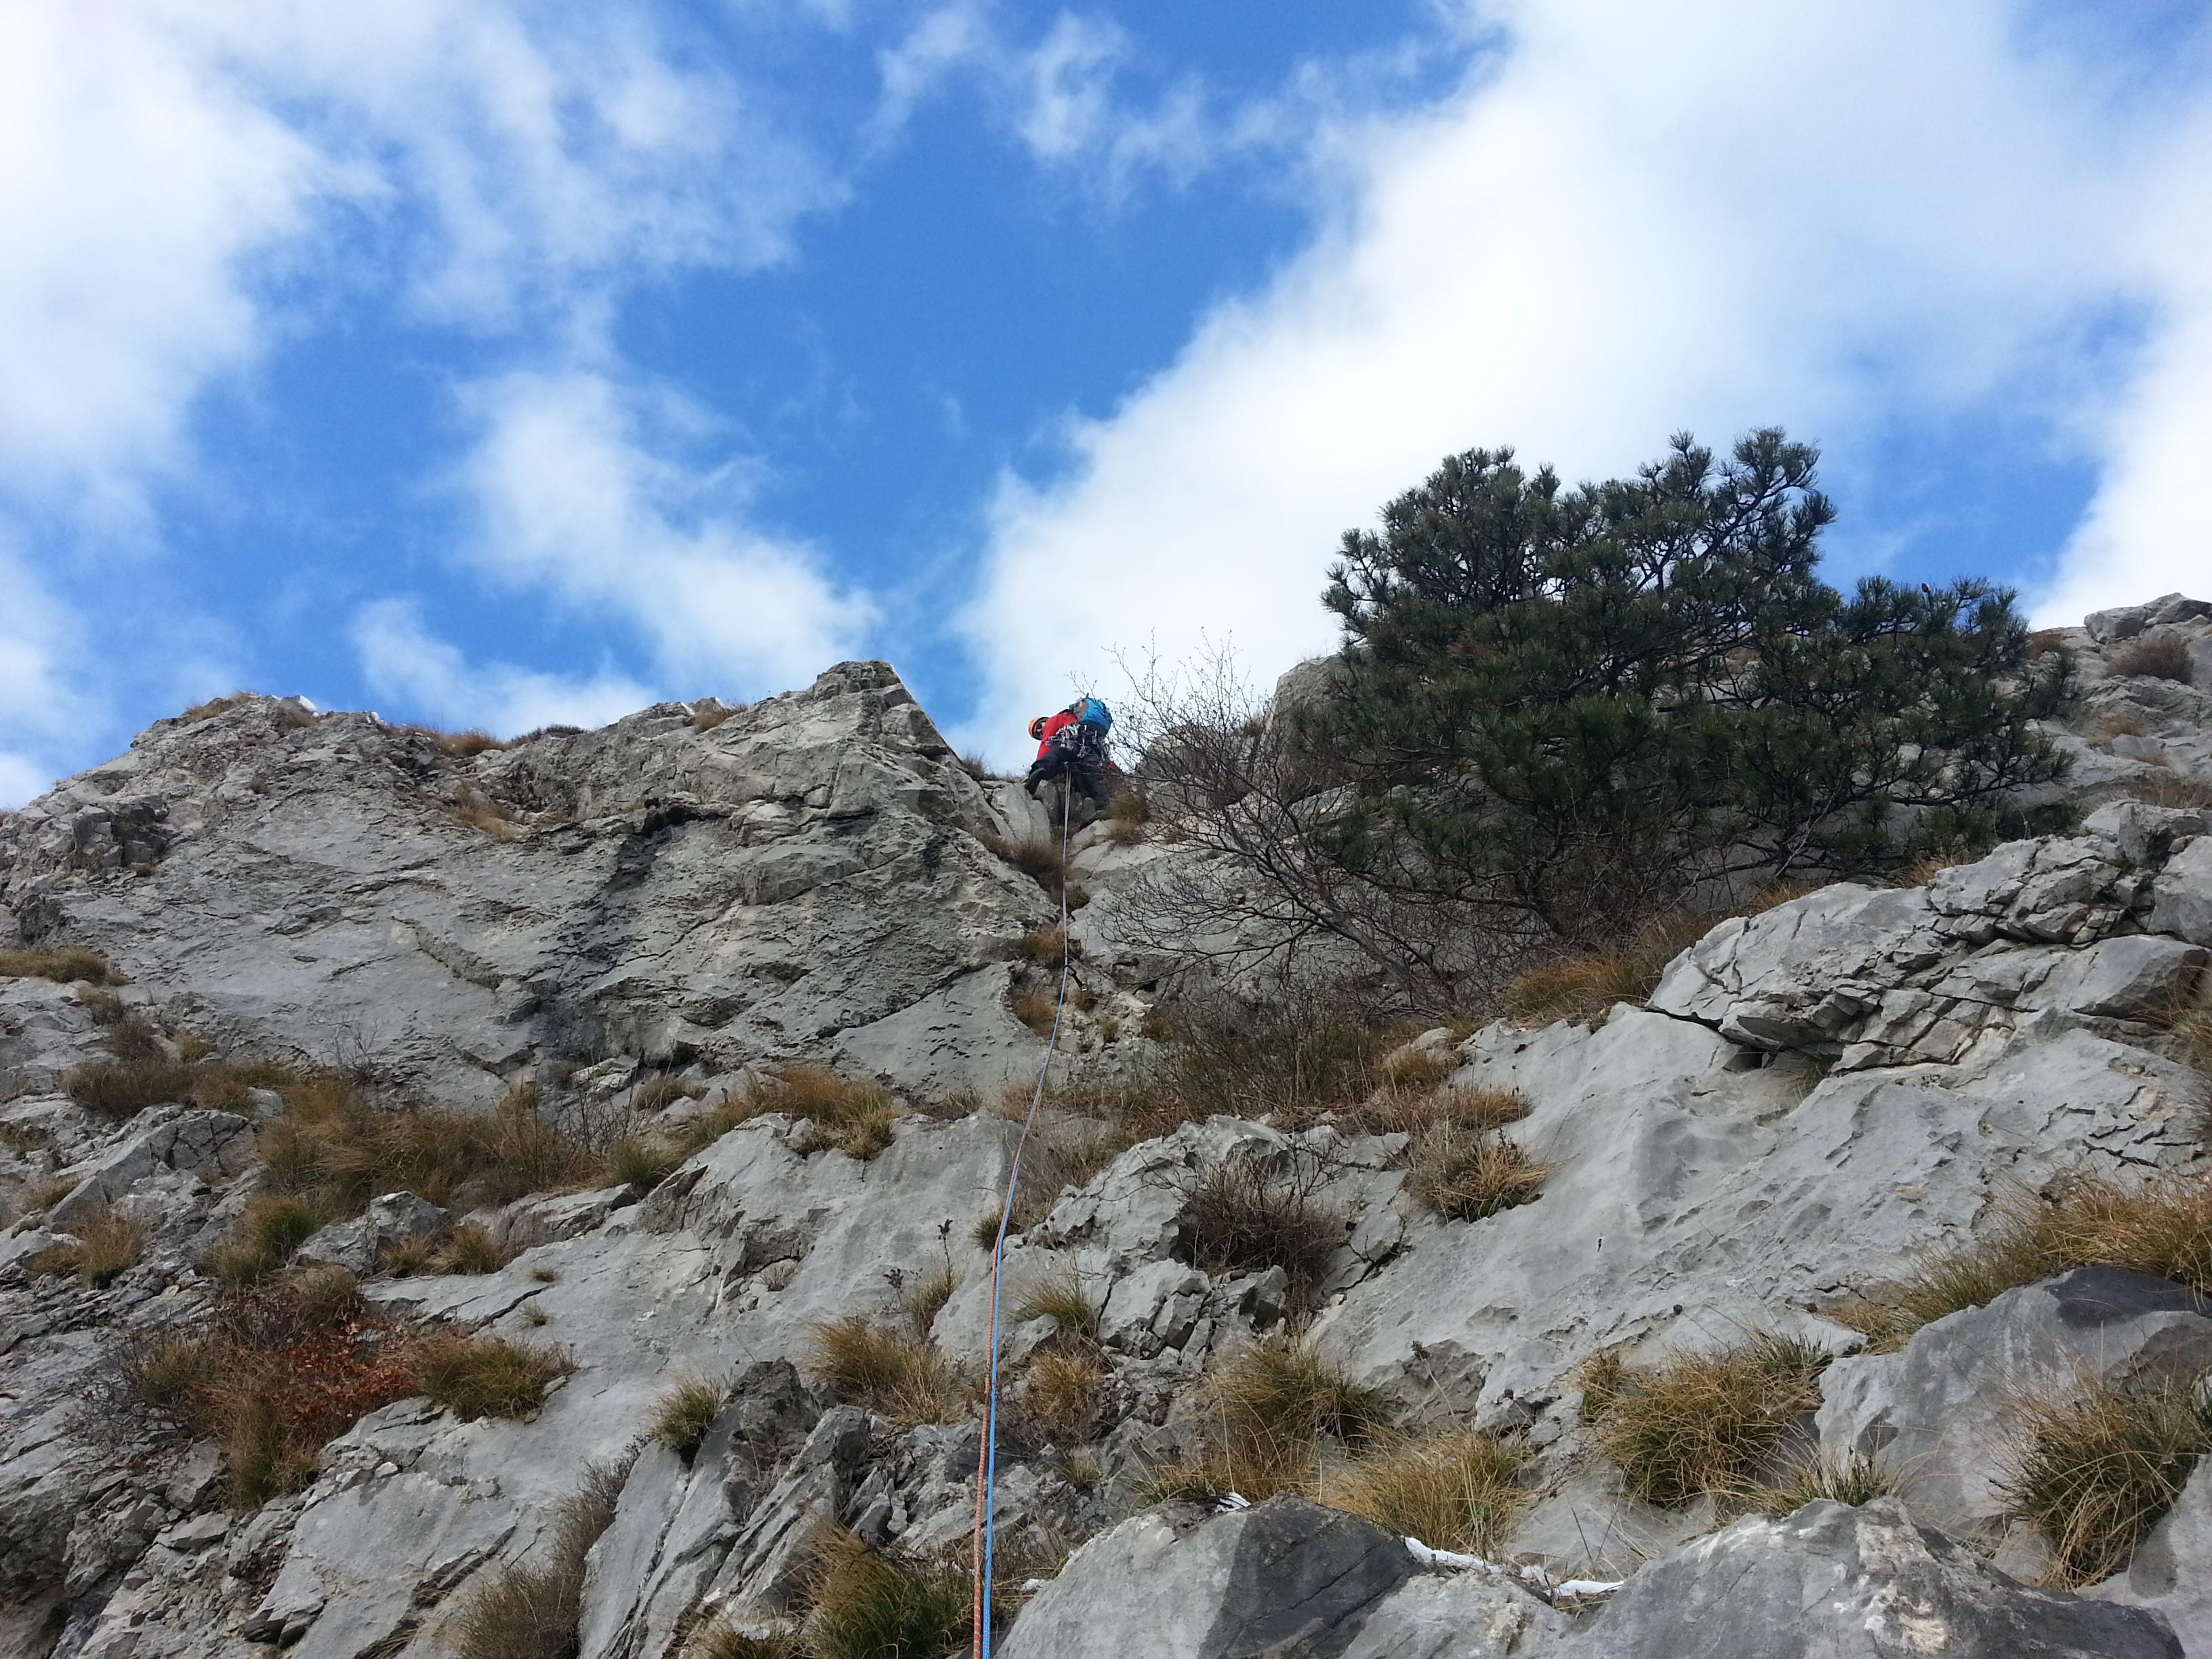 Arrampicando nel settore Rose d'Inverno in Val Rosandra  RITORNO ALLE ORIGINI